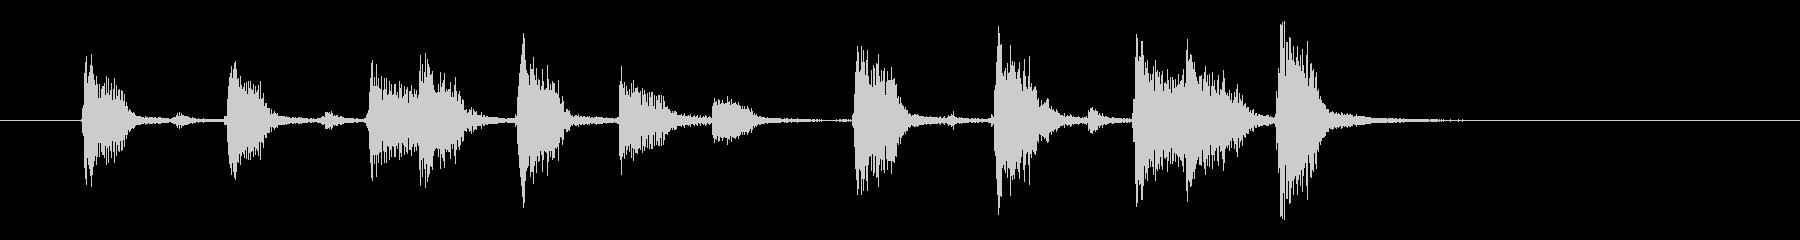 ジャンジャジャン(明るく穏やかなアコギ)の未再生の波形